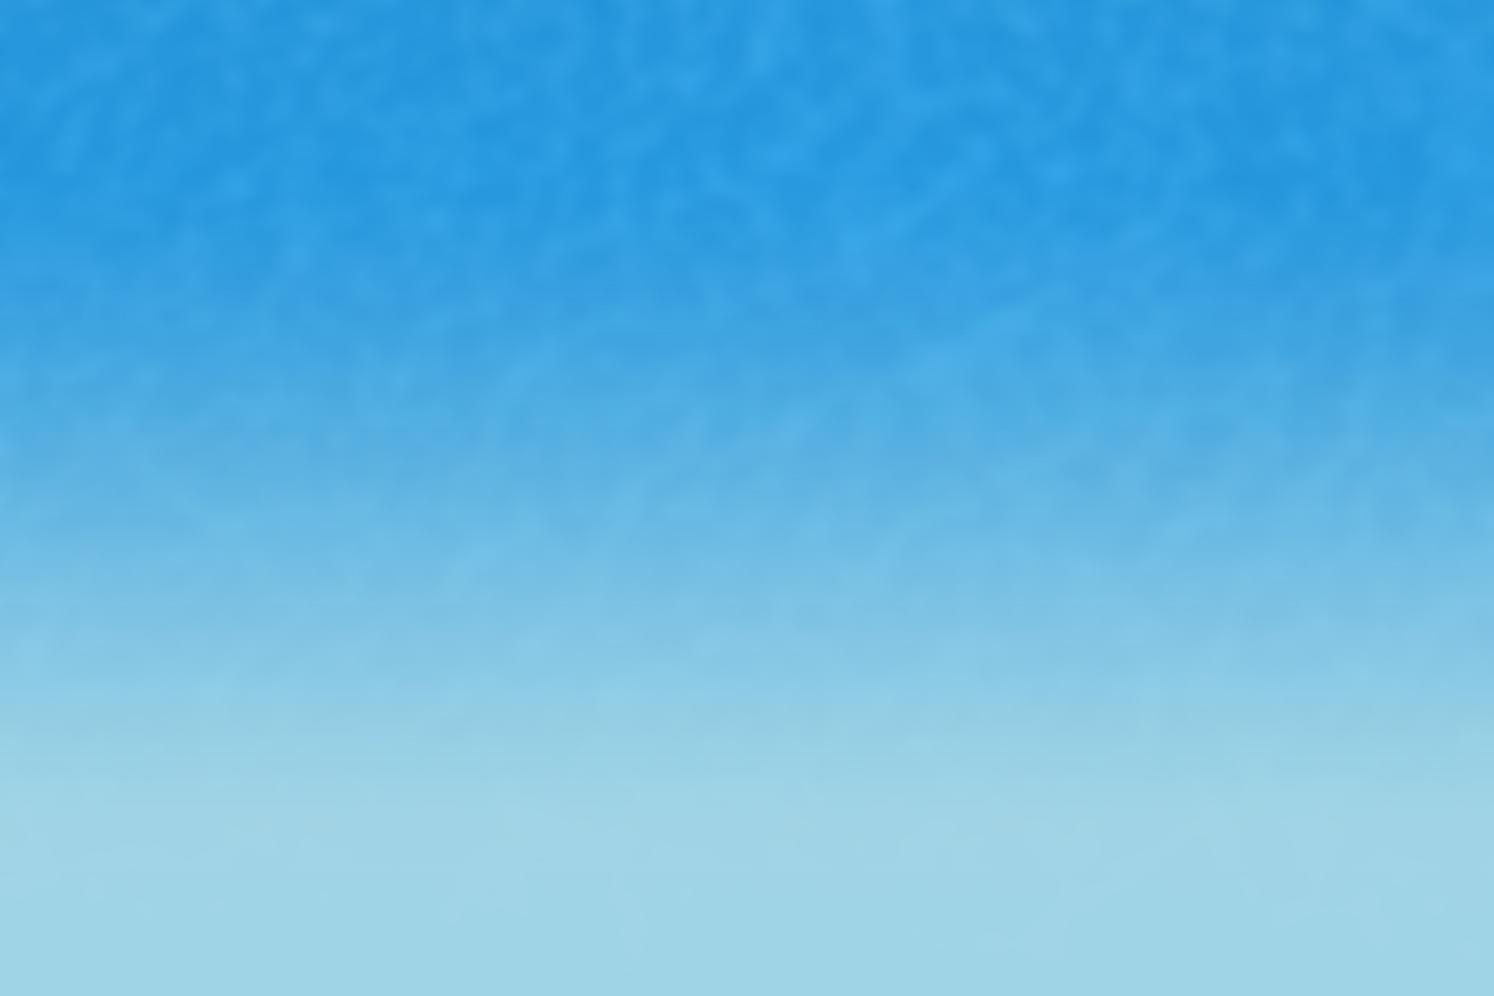 Background Texture3.jpg